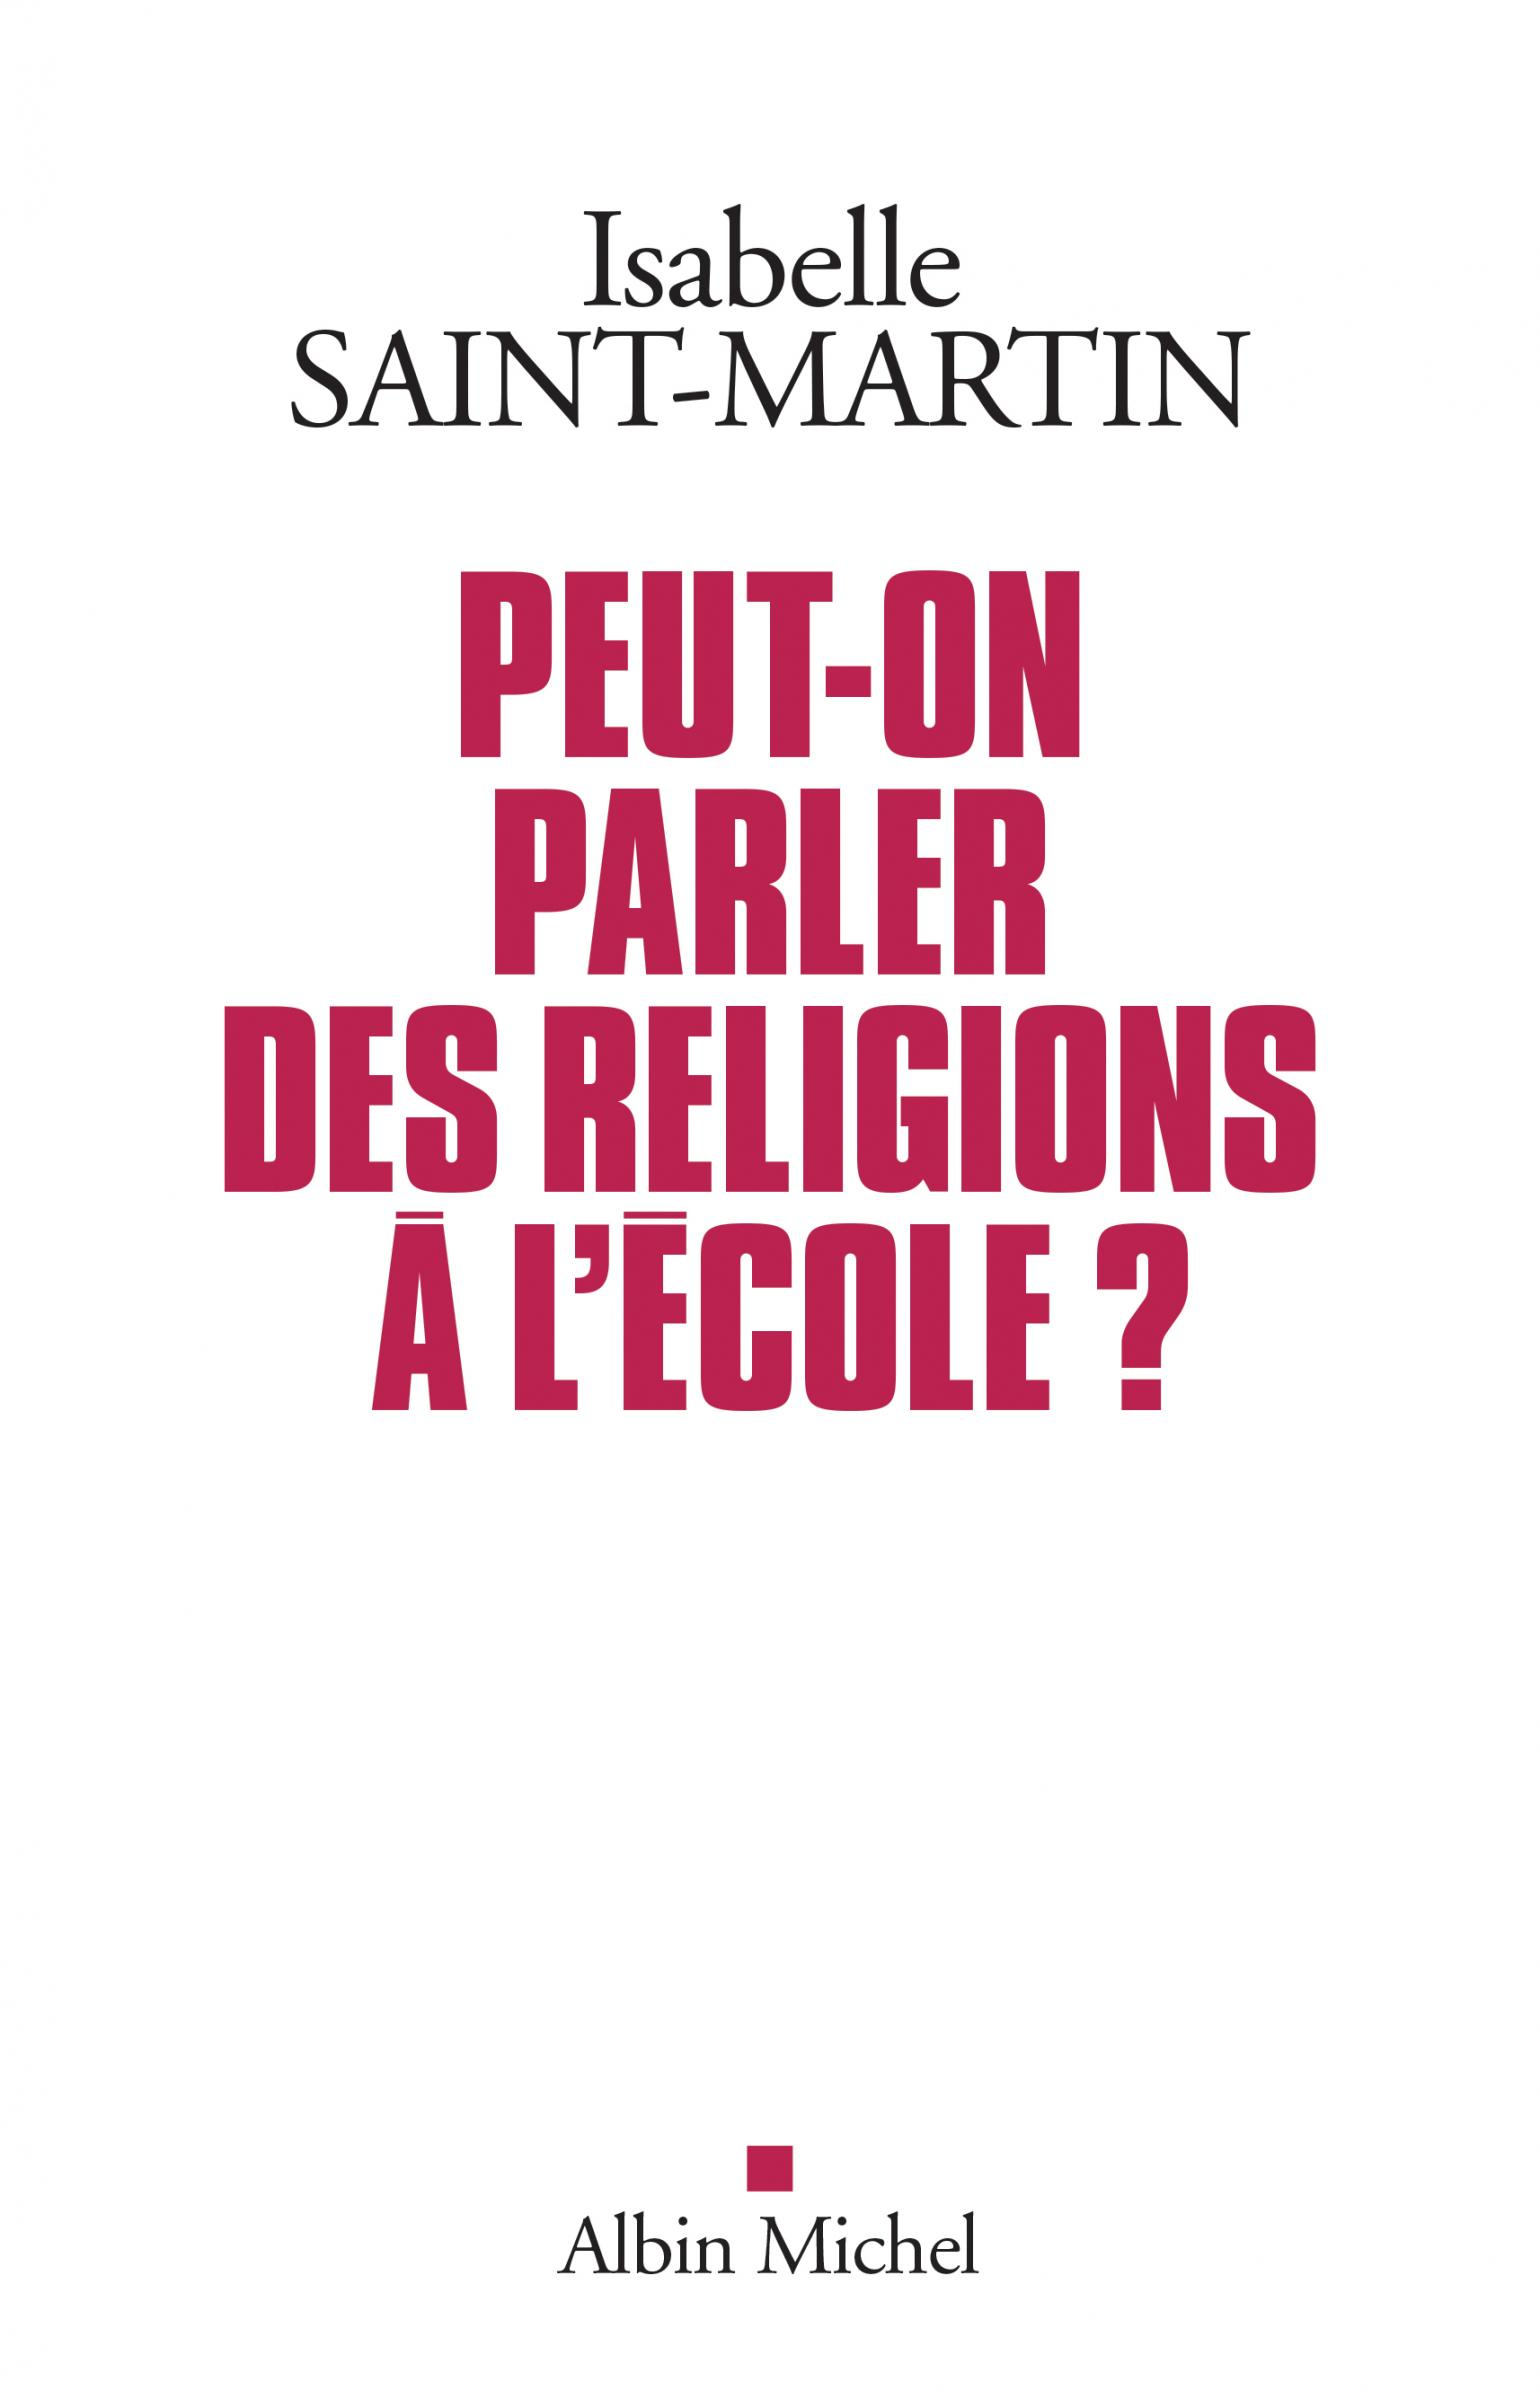 Peut-on parler des religions à l'école ? d'Isabelle Saint-Martin | Revue Esprit